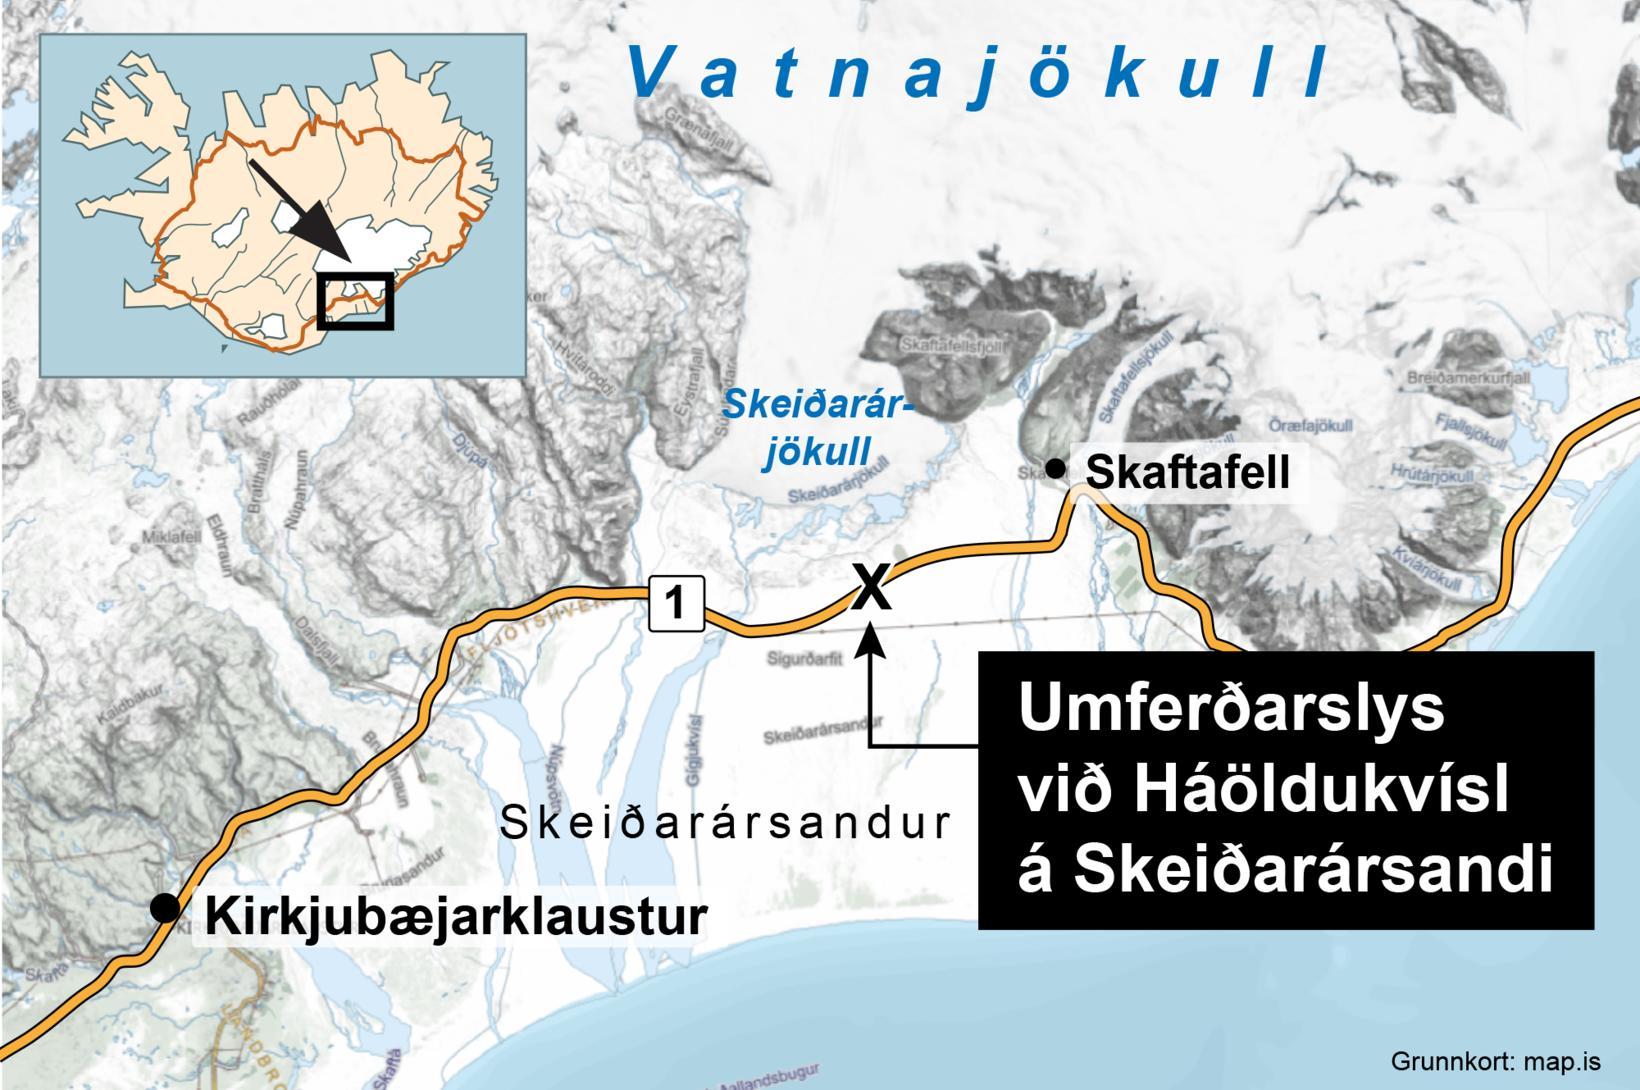 Fjórir eru alvarlega slasaðir, þar af þrjú börn, og tveir …